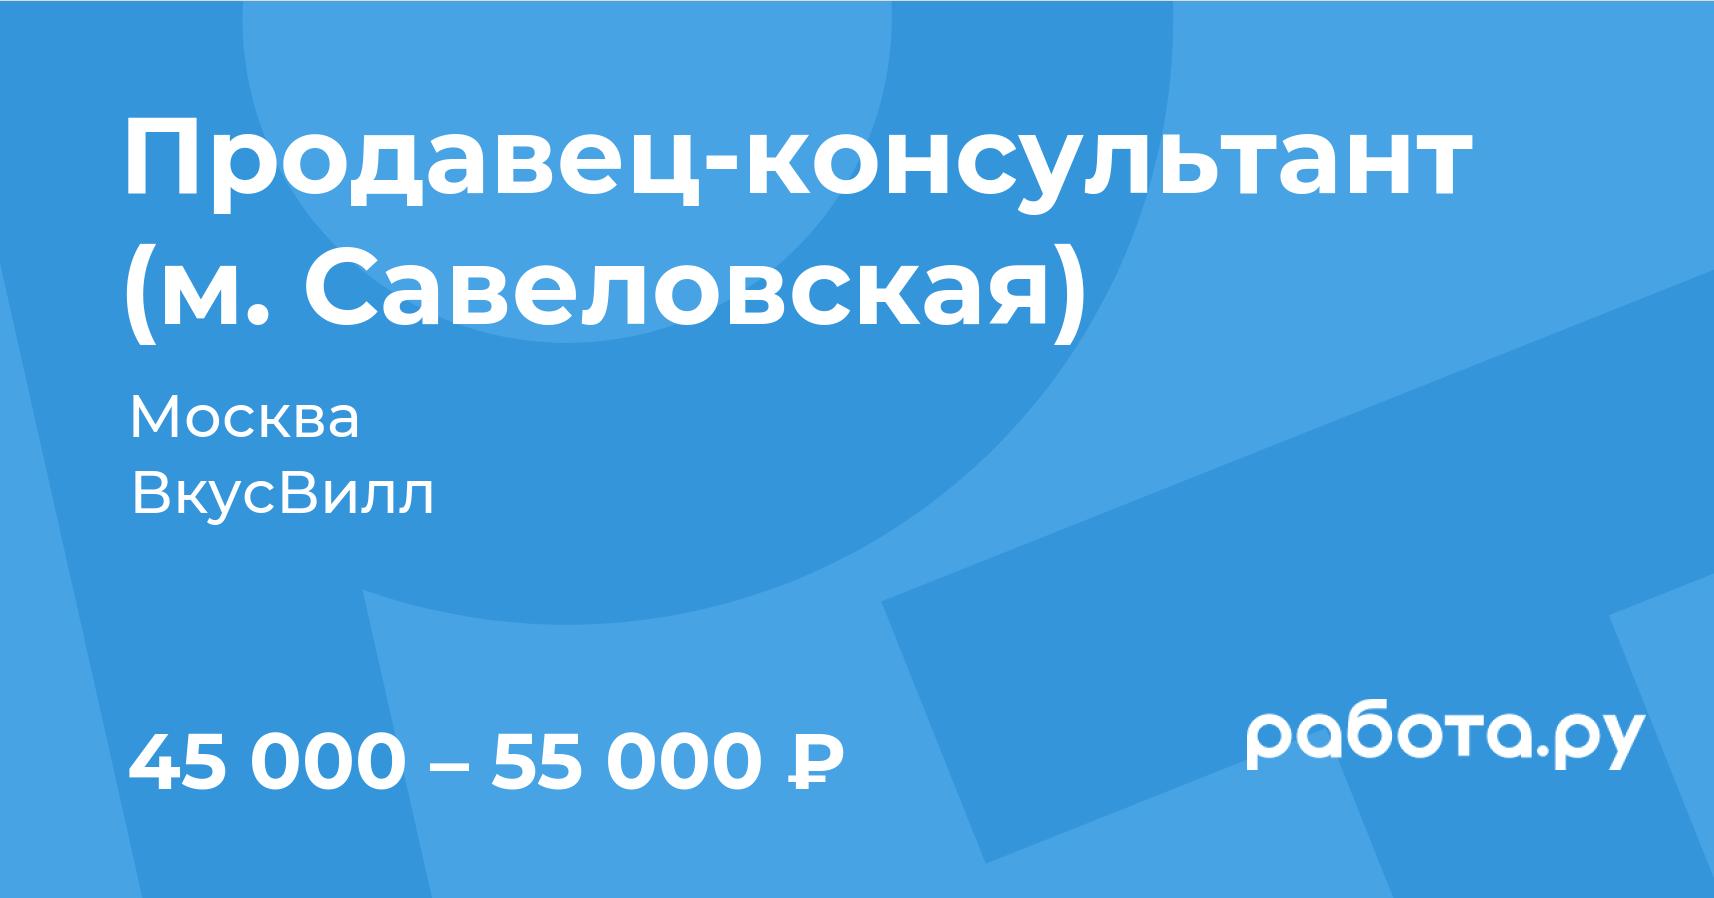 Вакансия Продавец-консультант (м. Савеловская) в Москве с